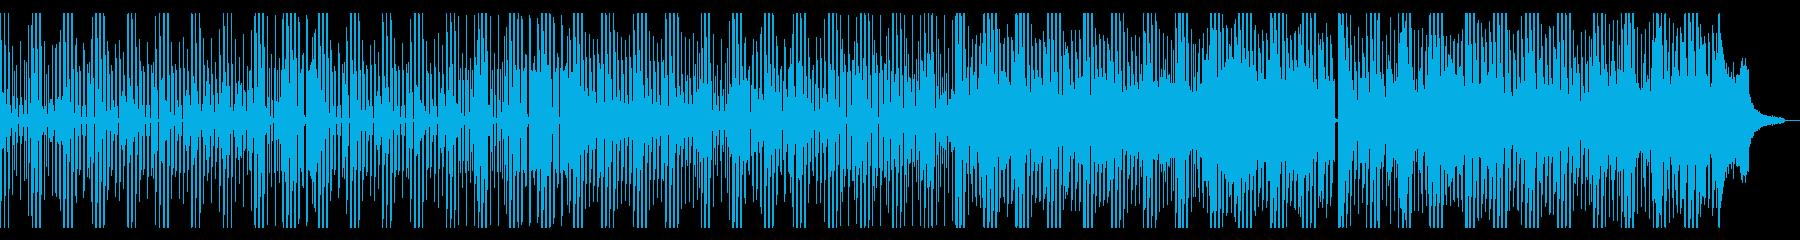 ElektricFunkバックトラックの再生済みの波形